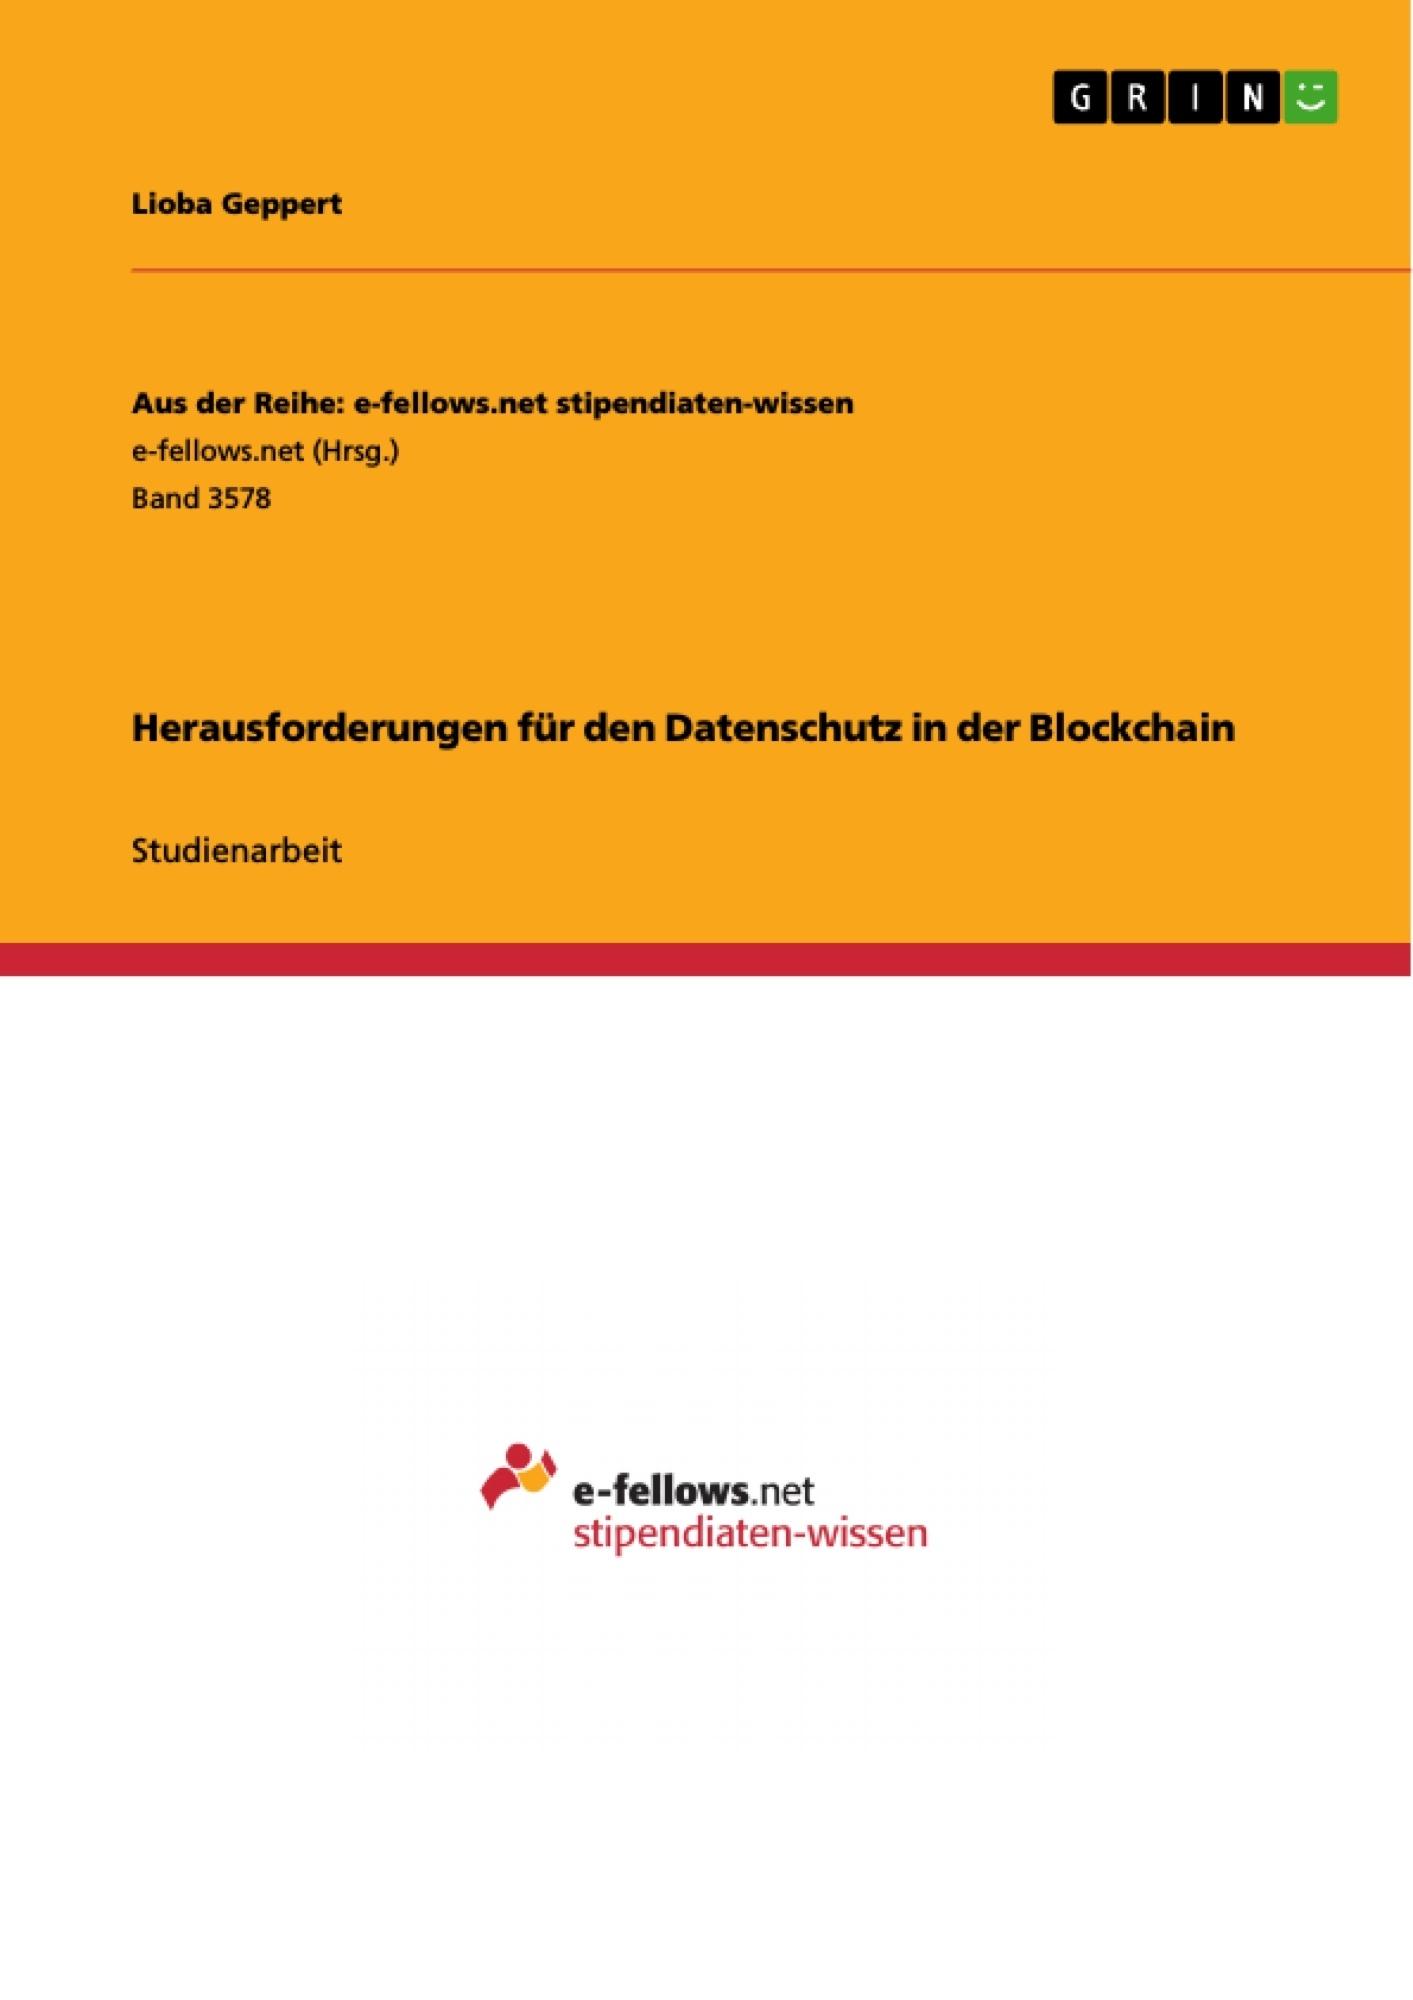 Titel: Herausforderungen für den Datenschutz in der Blockchain